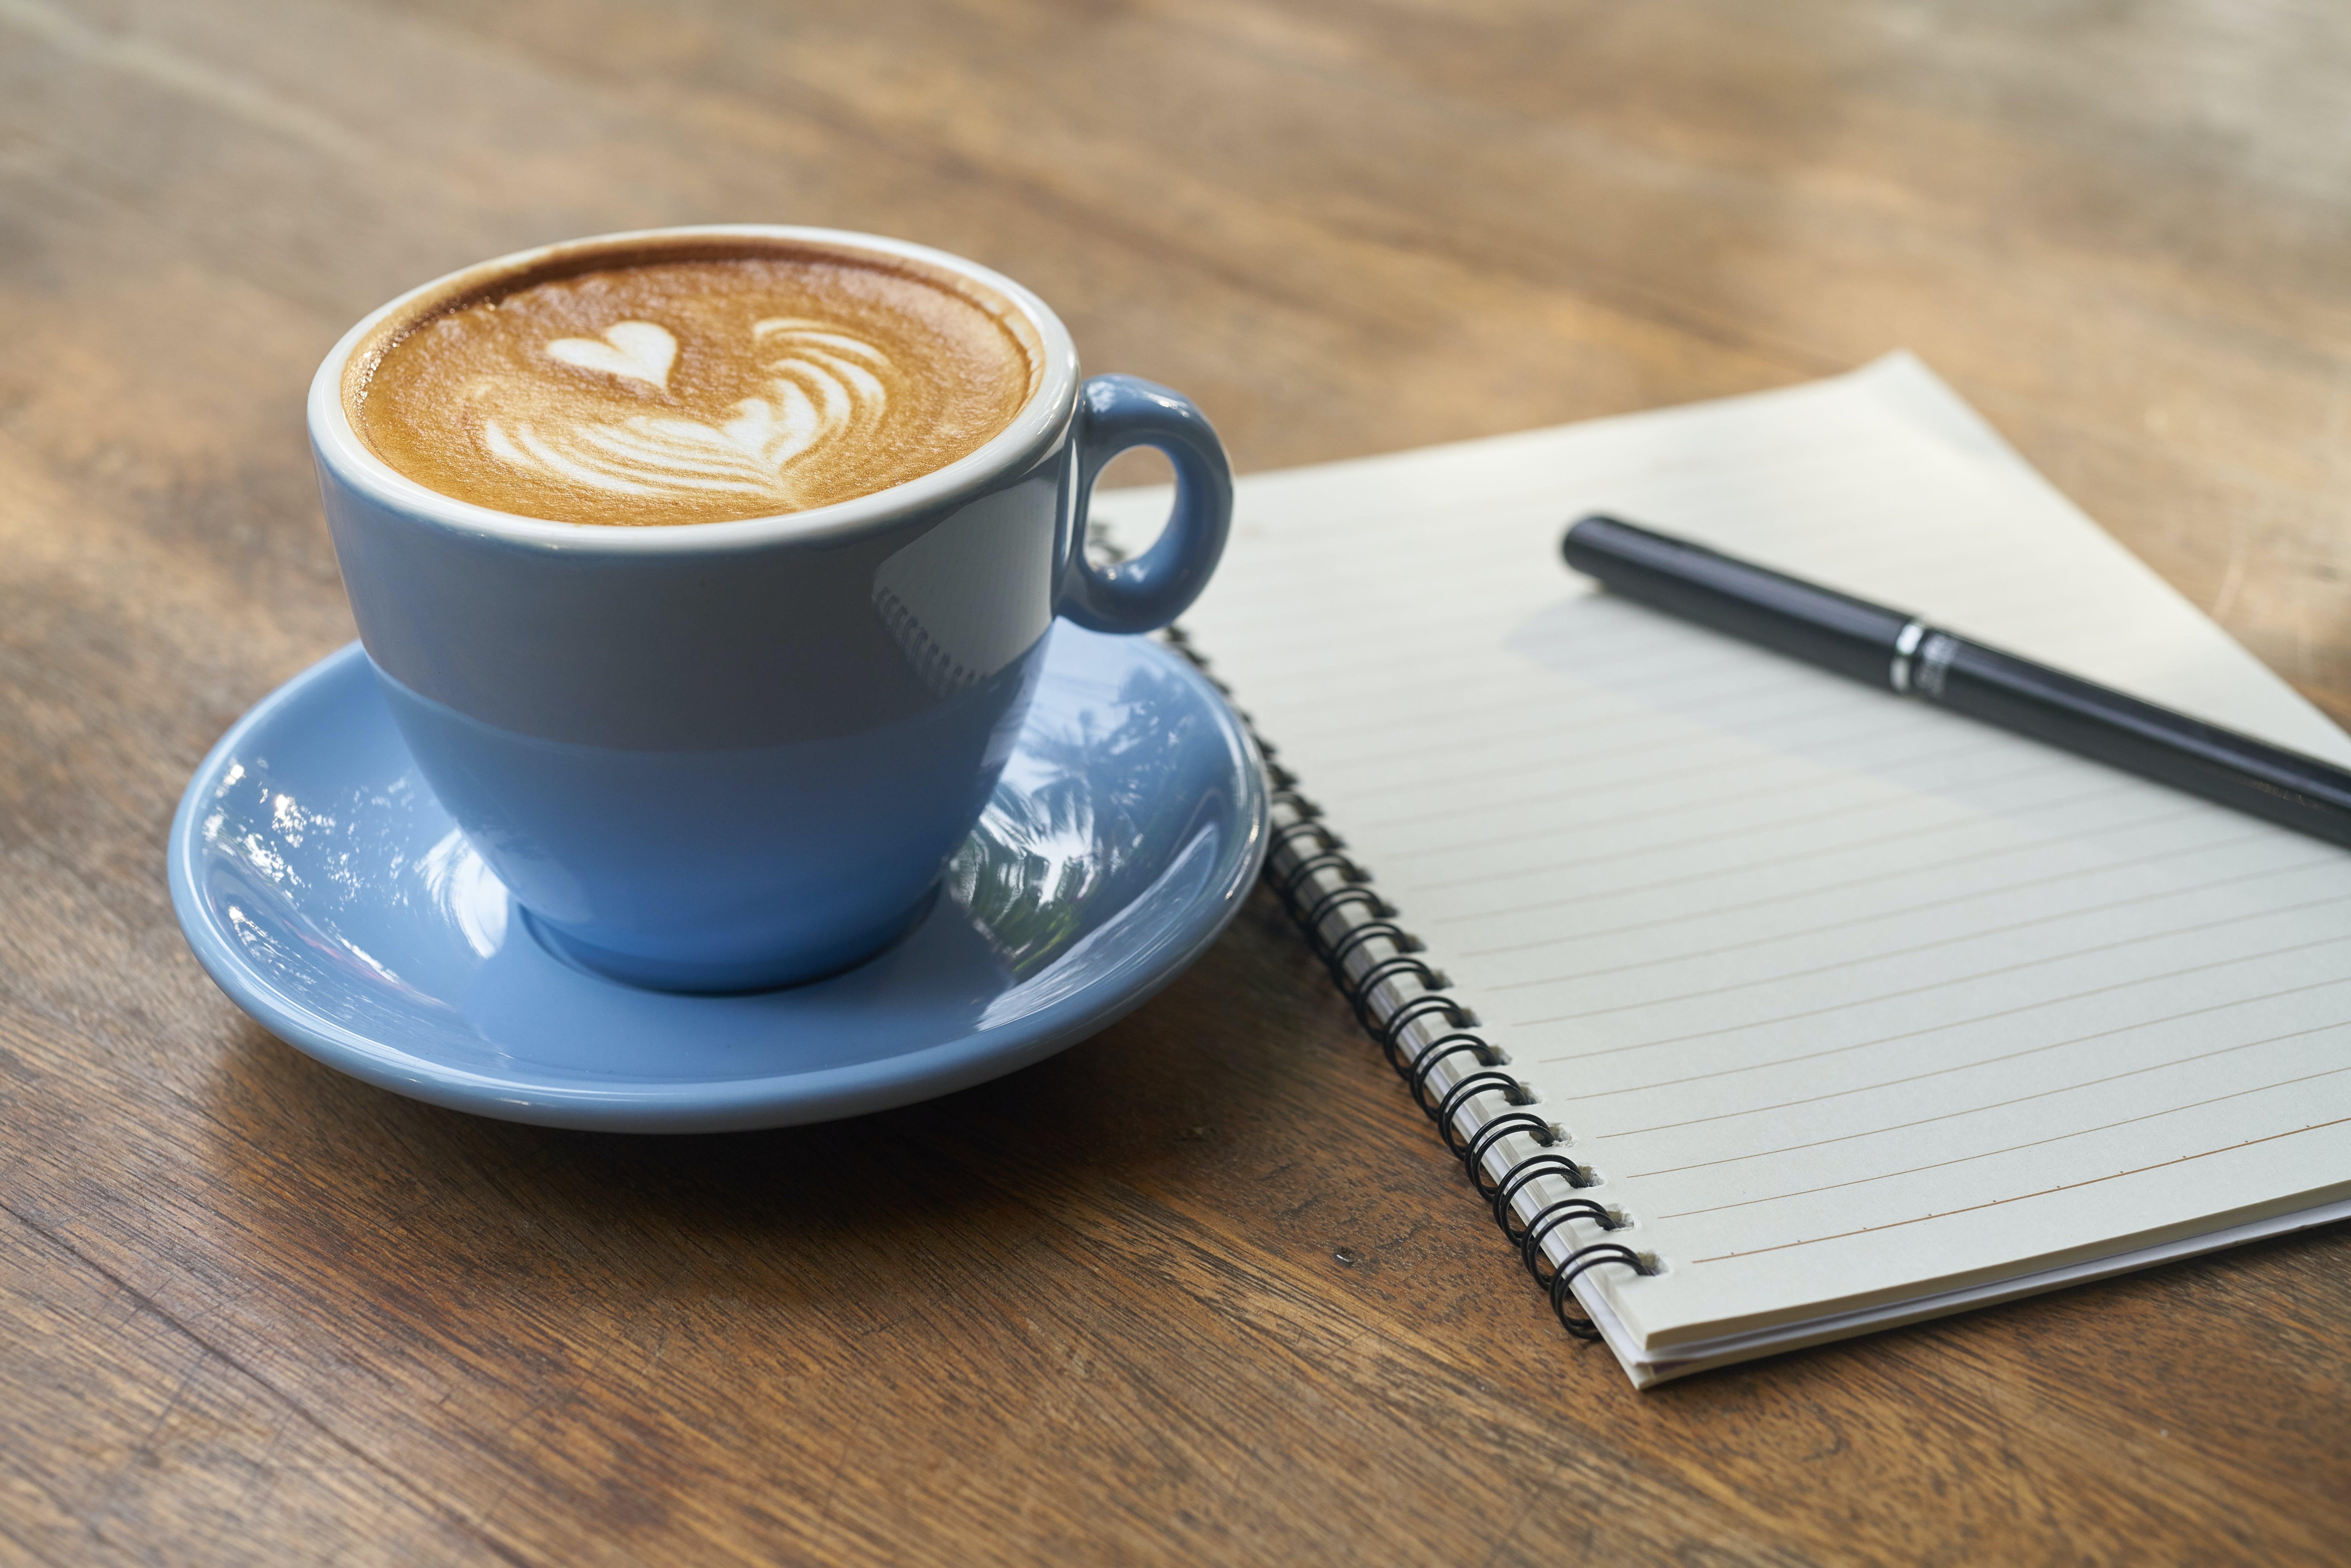 Foto d'estoc gratuïta de art latte, bloc de notes, boli, cafè